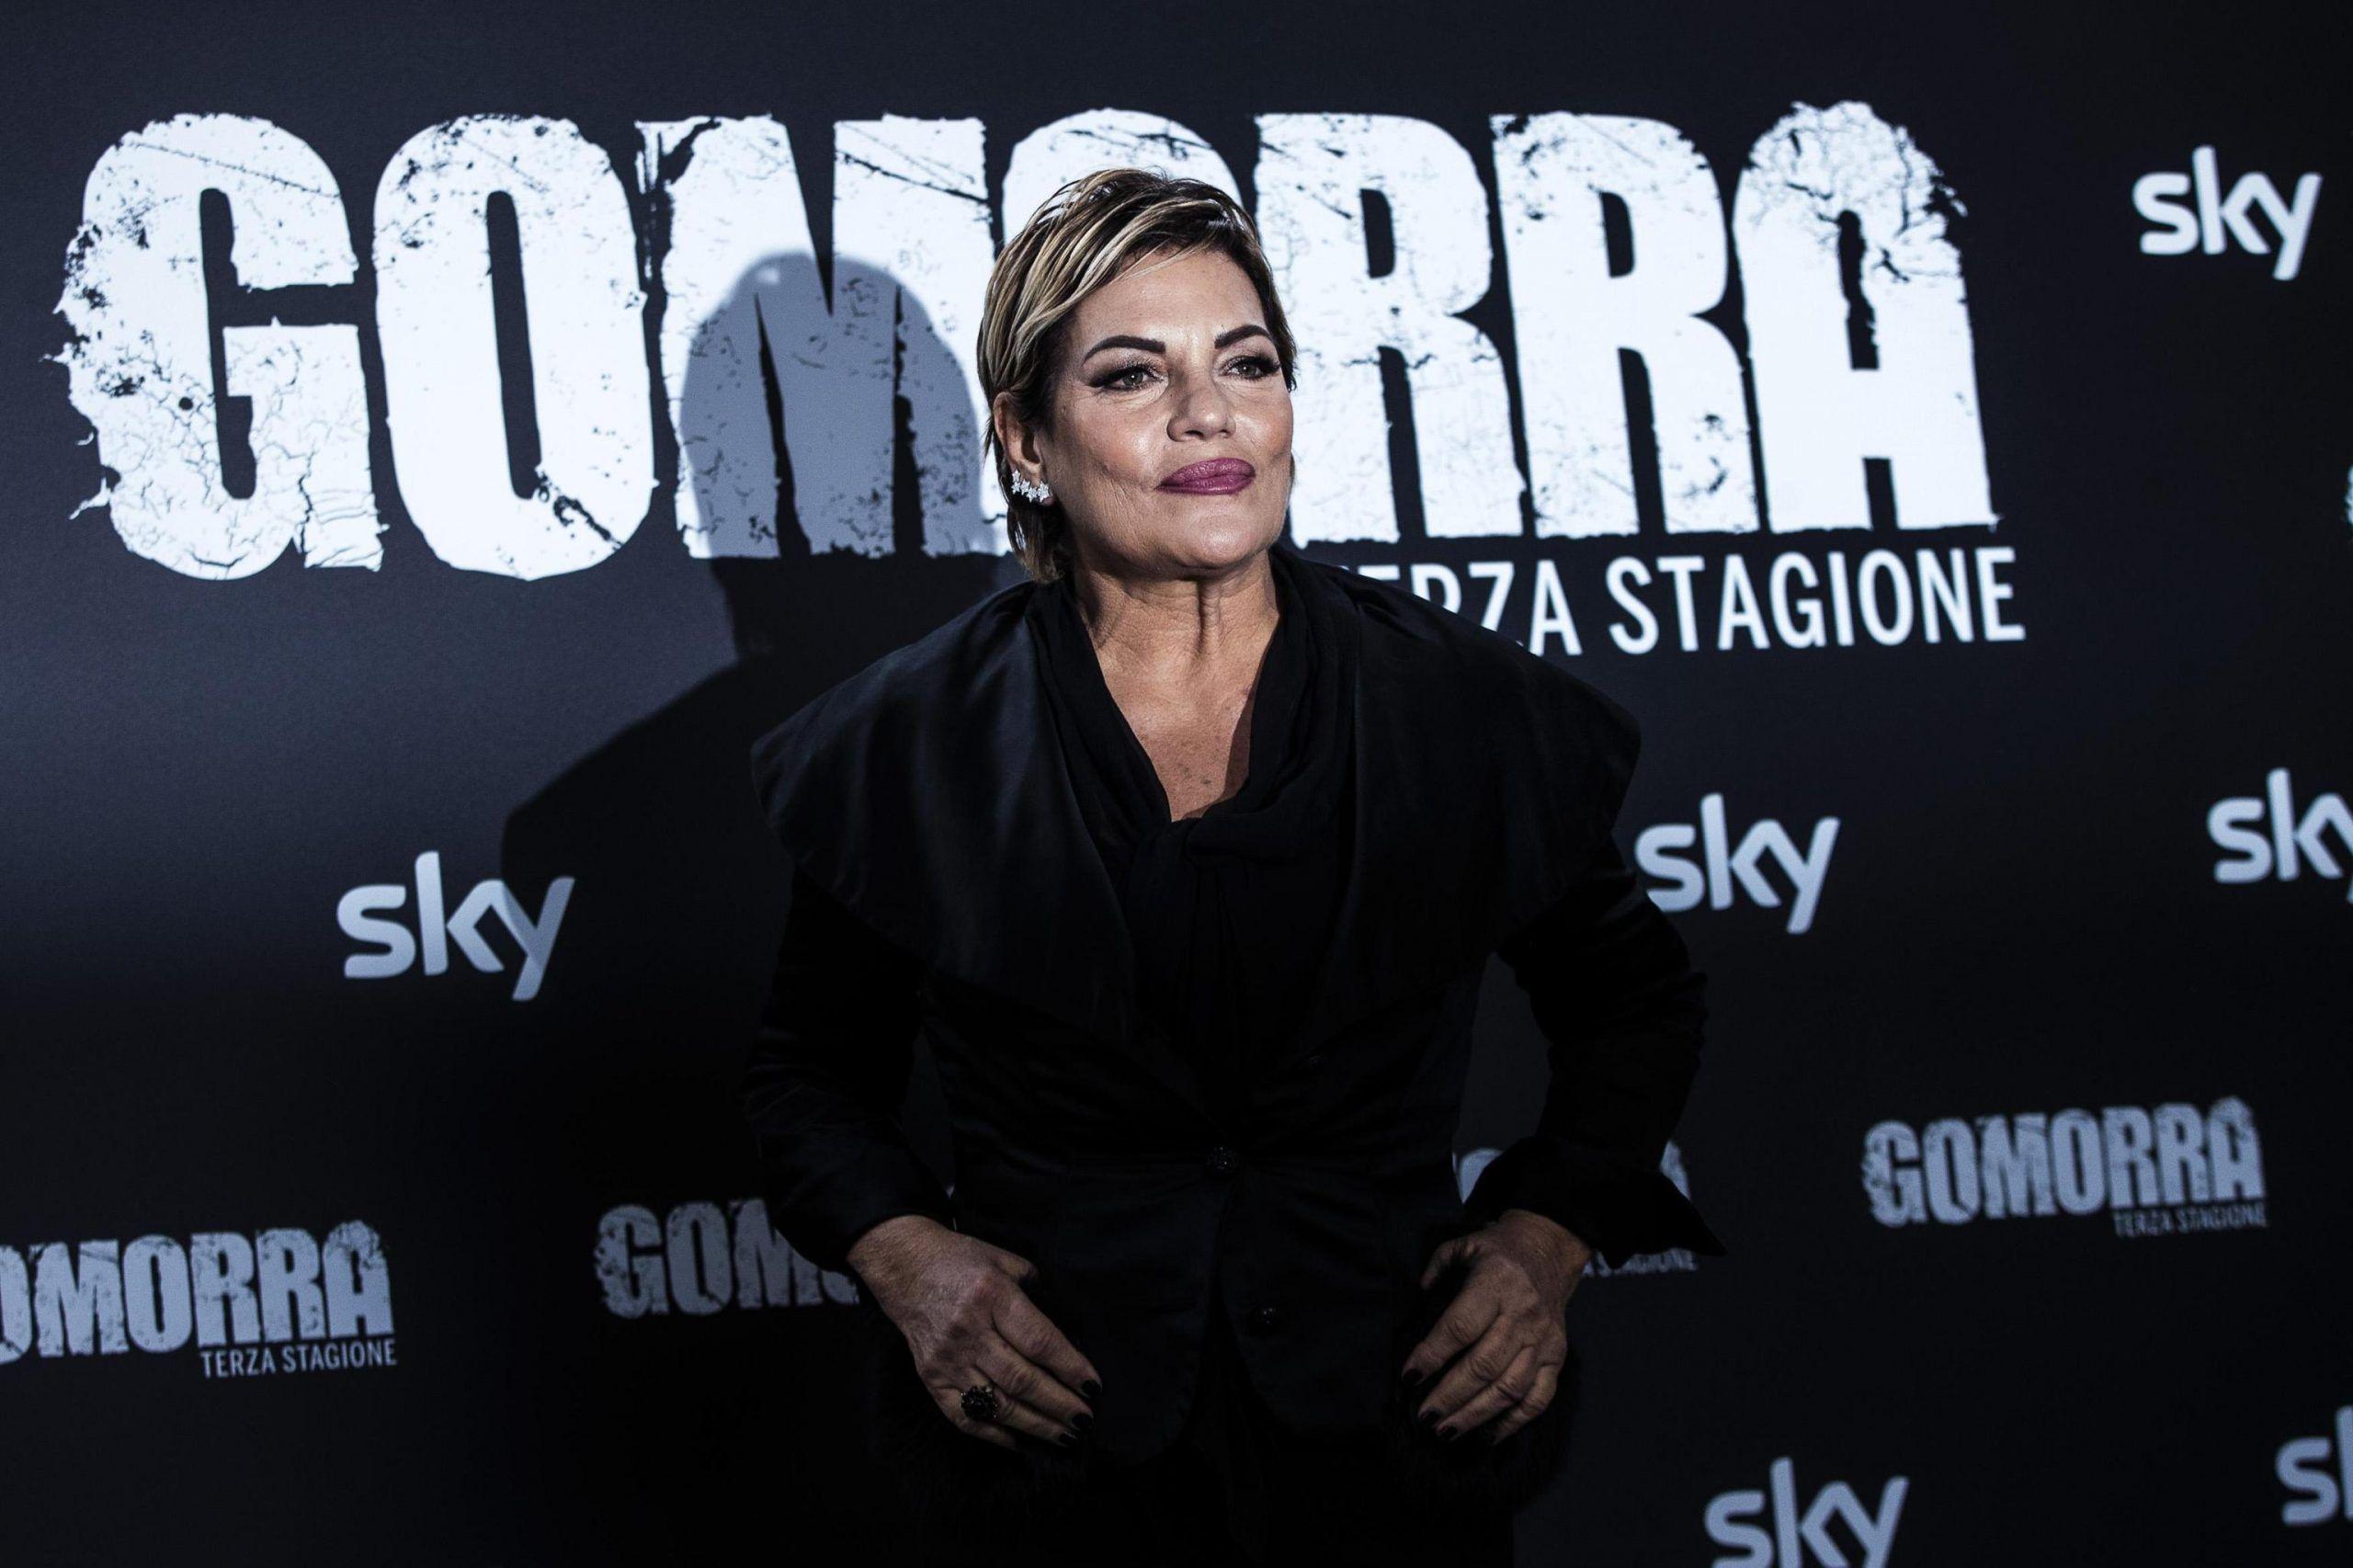 Tv: Sky; terza stagione Gomorra